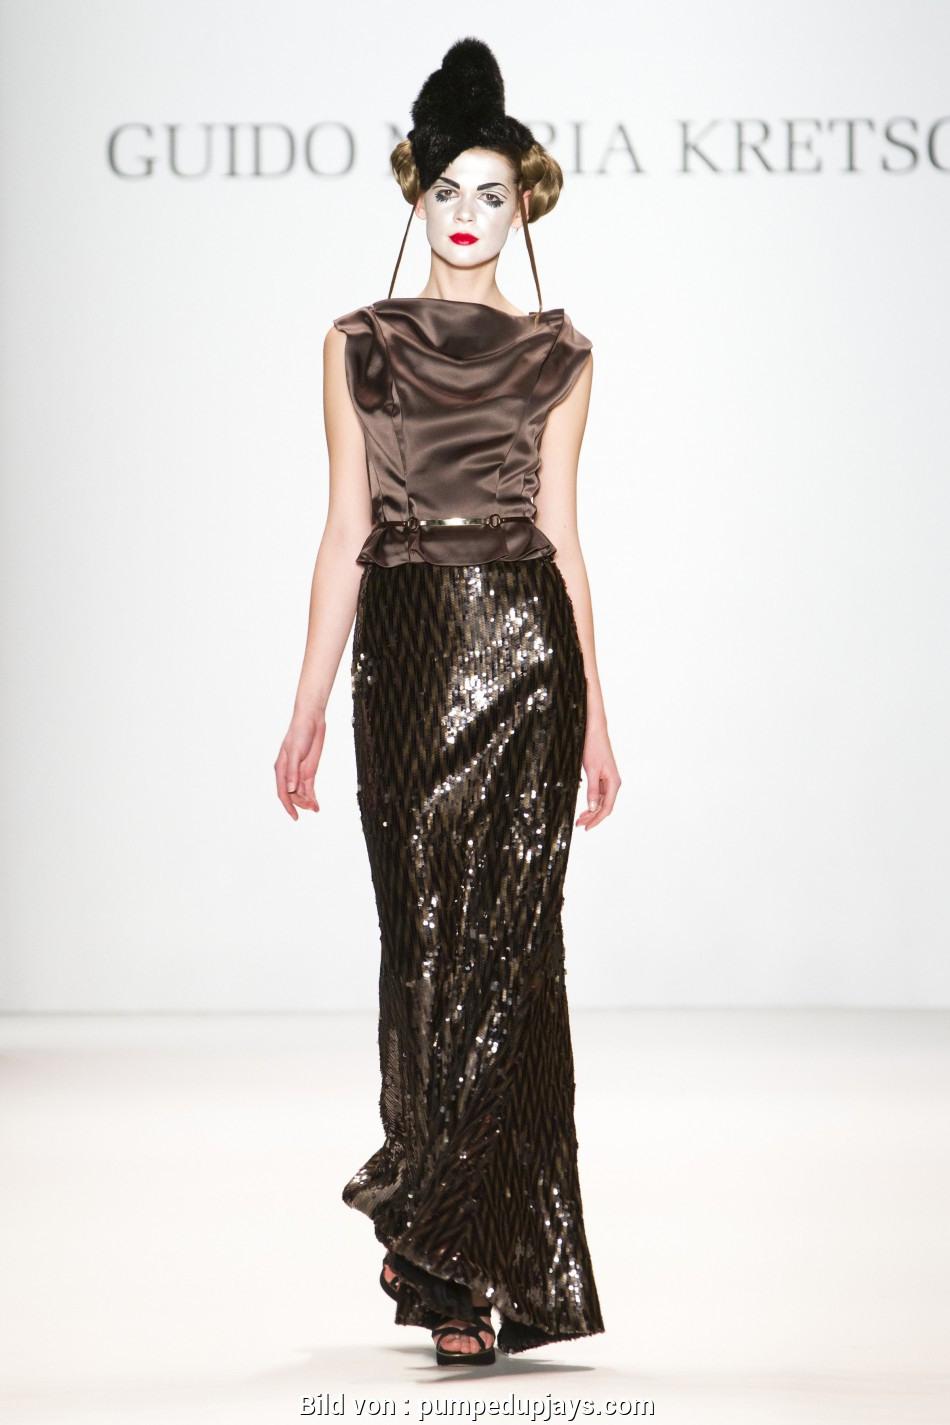 15 Schön Abendkleider Türkische Geschäfte Wien Bester Preis10 Luxus Abendkleider Türkische Geschäfte Wien Design